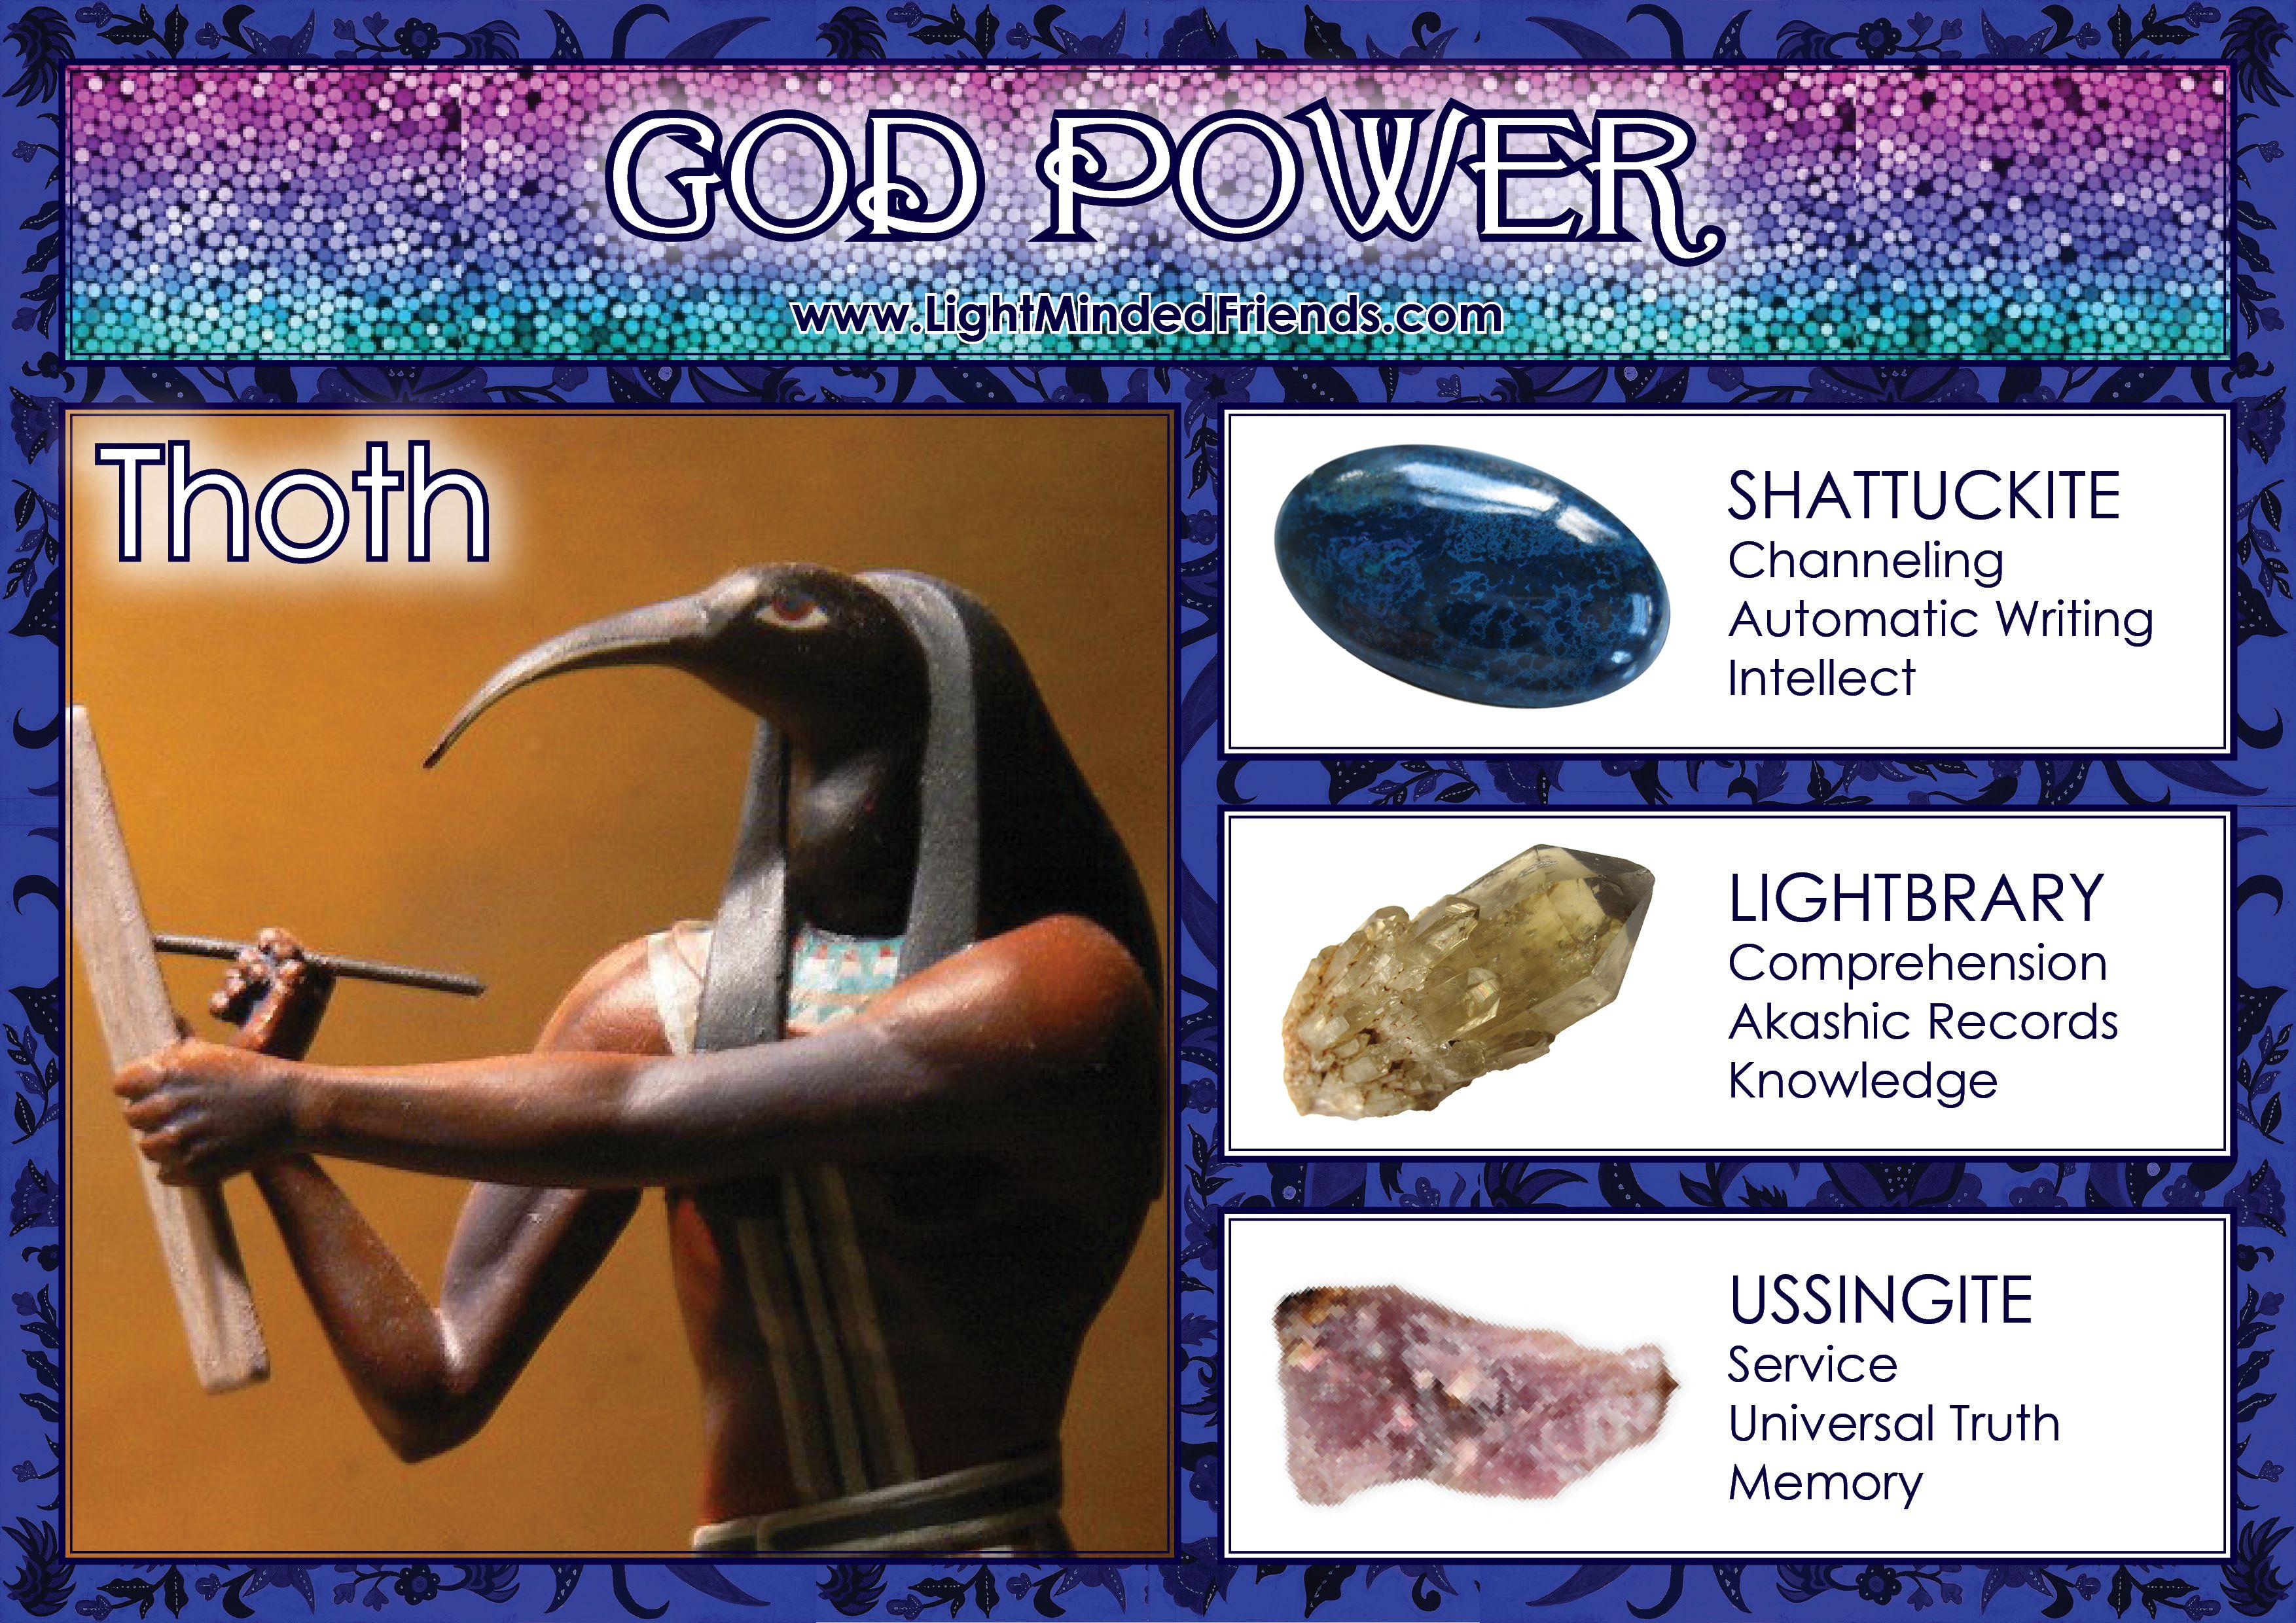 God Power: Thoth!